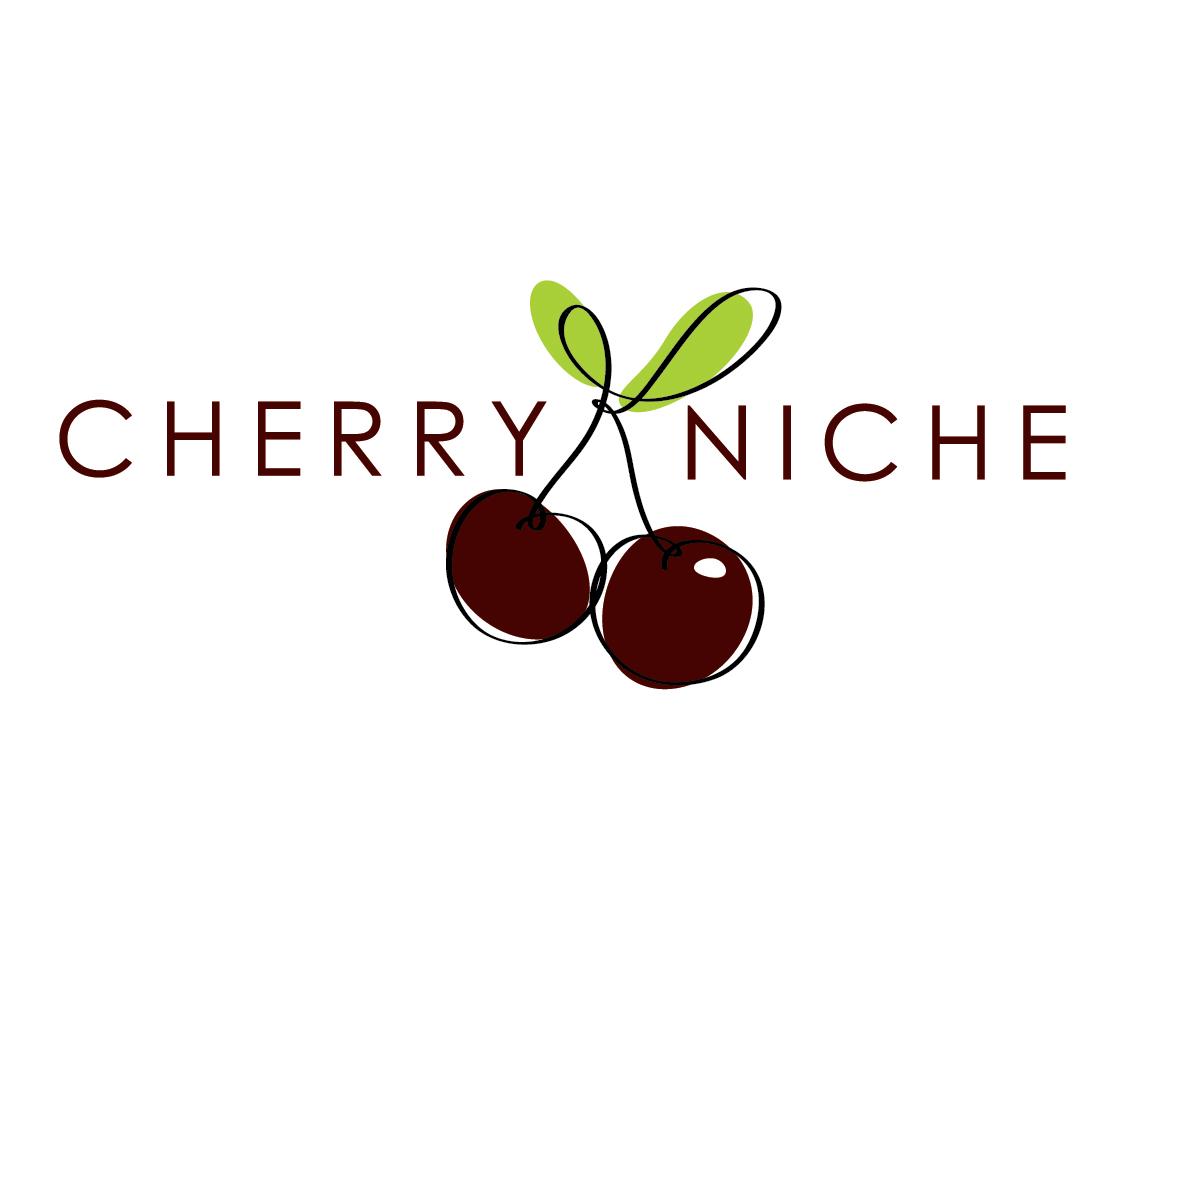 Cherry Niche